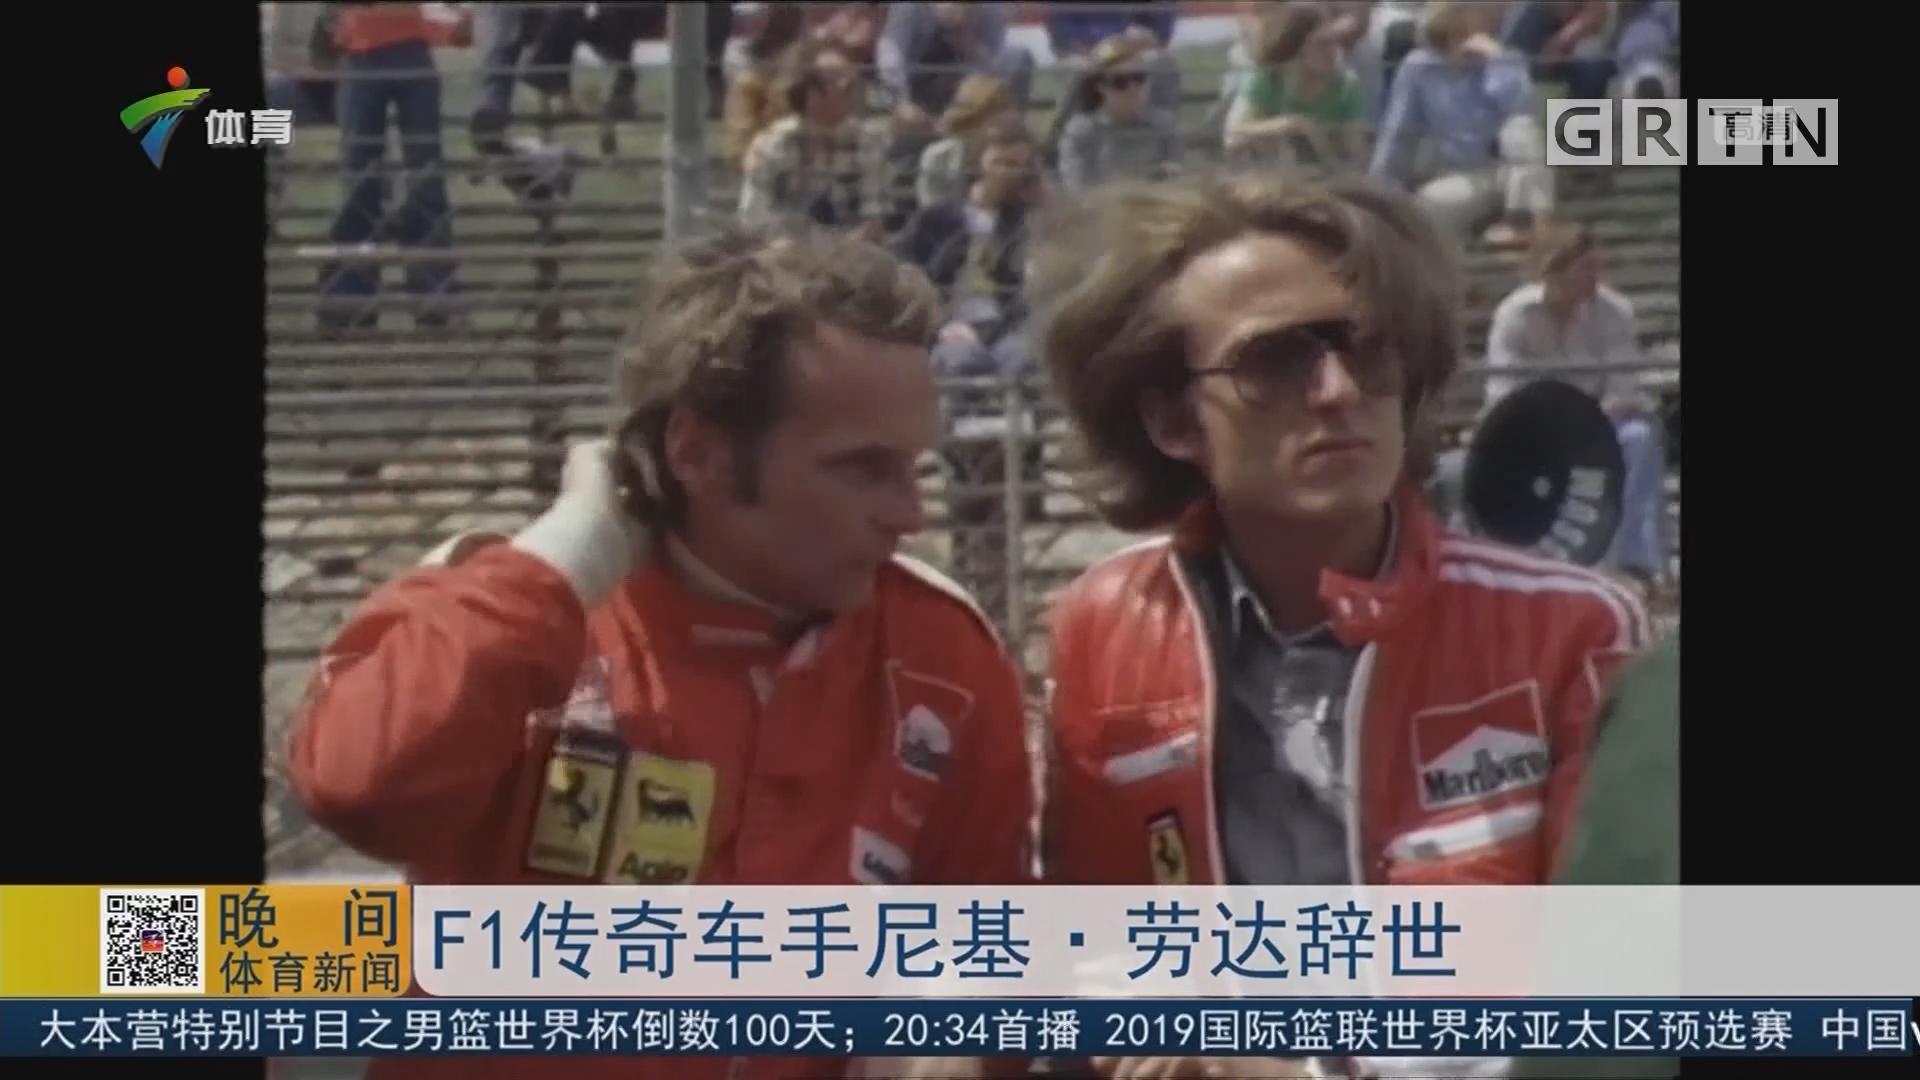 F1传奇车手尼基·劳达辞世